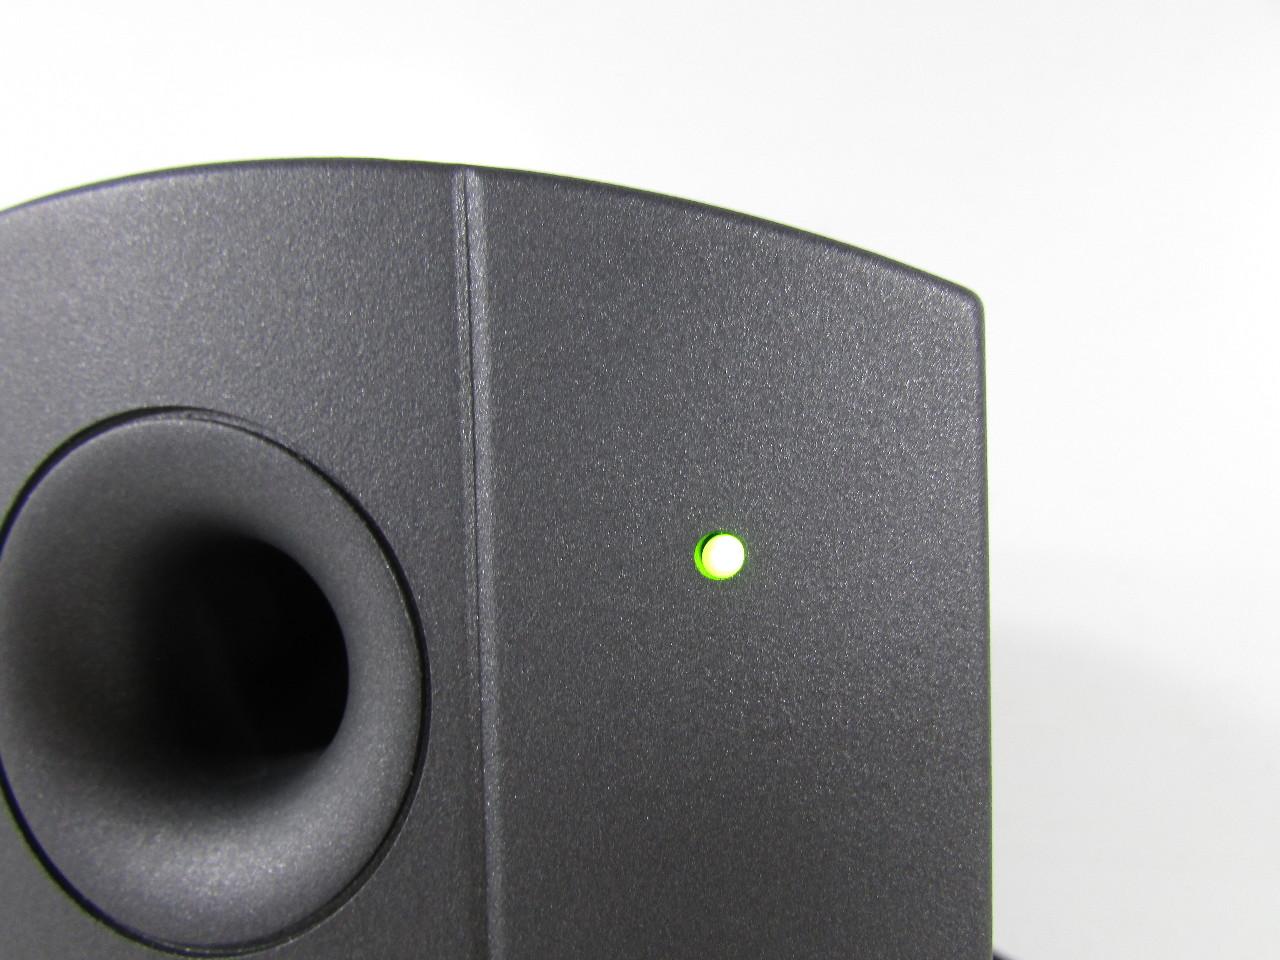 Polycom Vtx 1565 07242 001 Sub Woofer Amp Speaker System